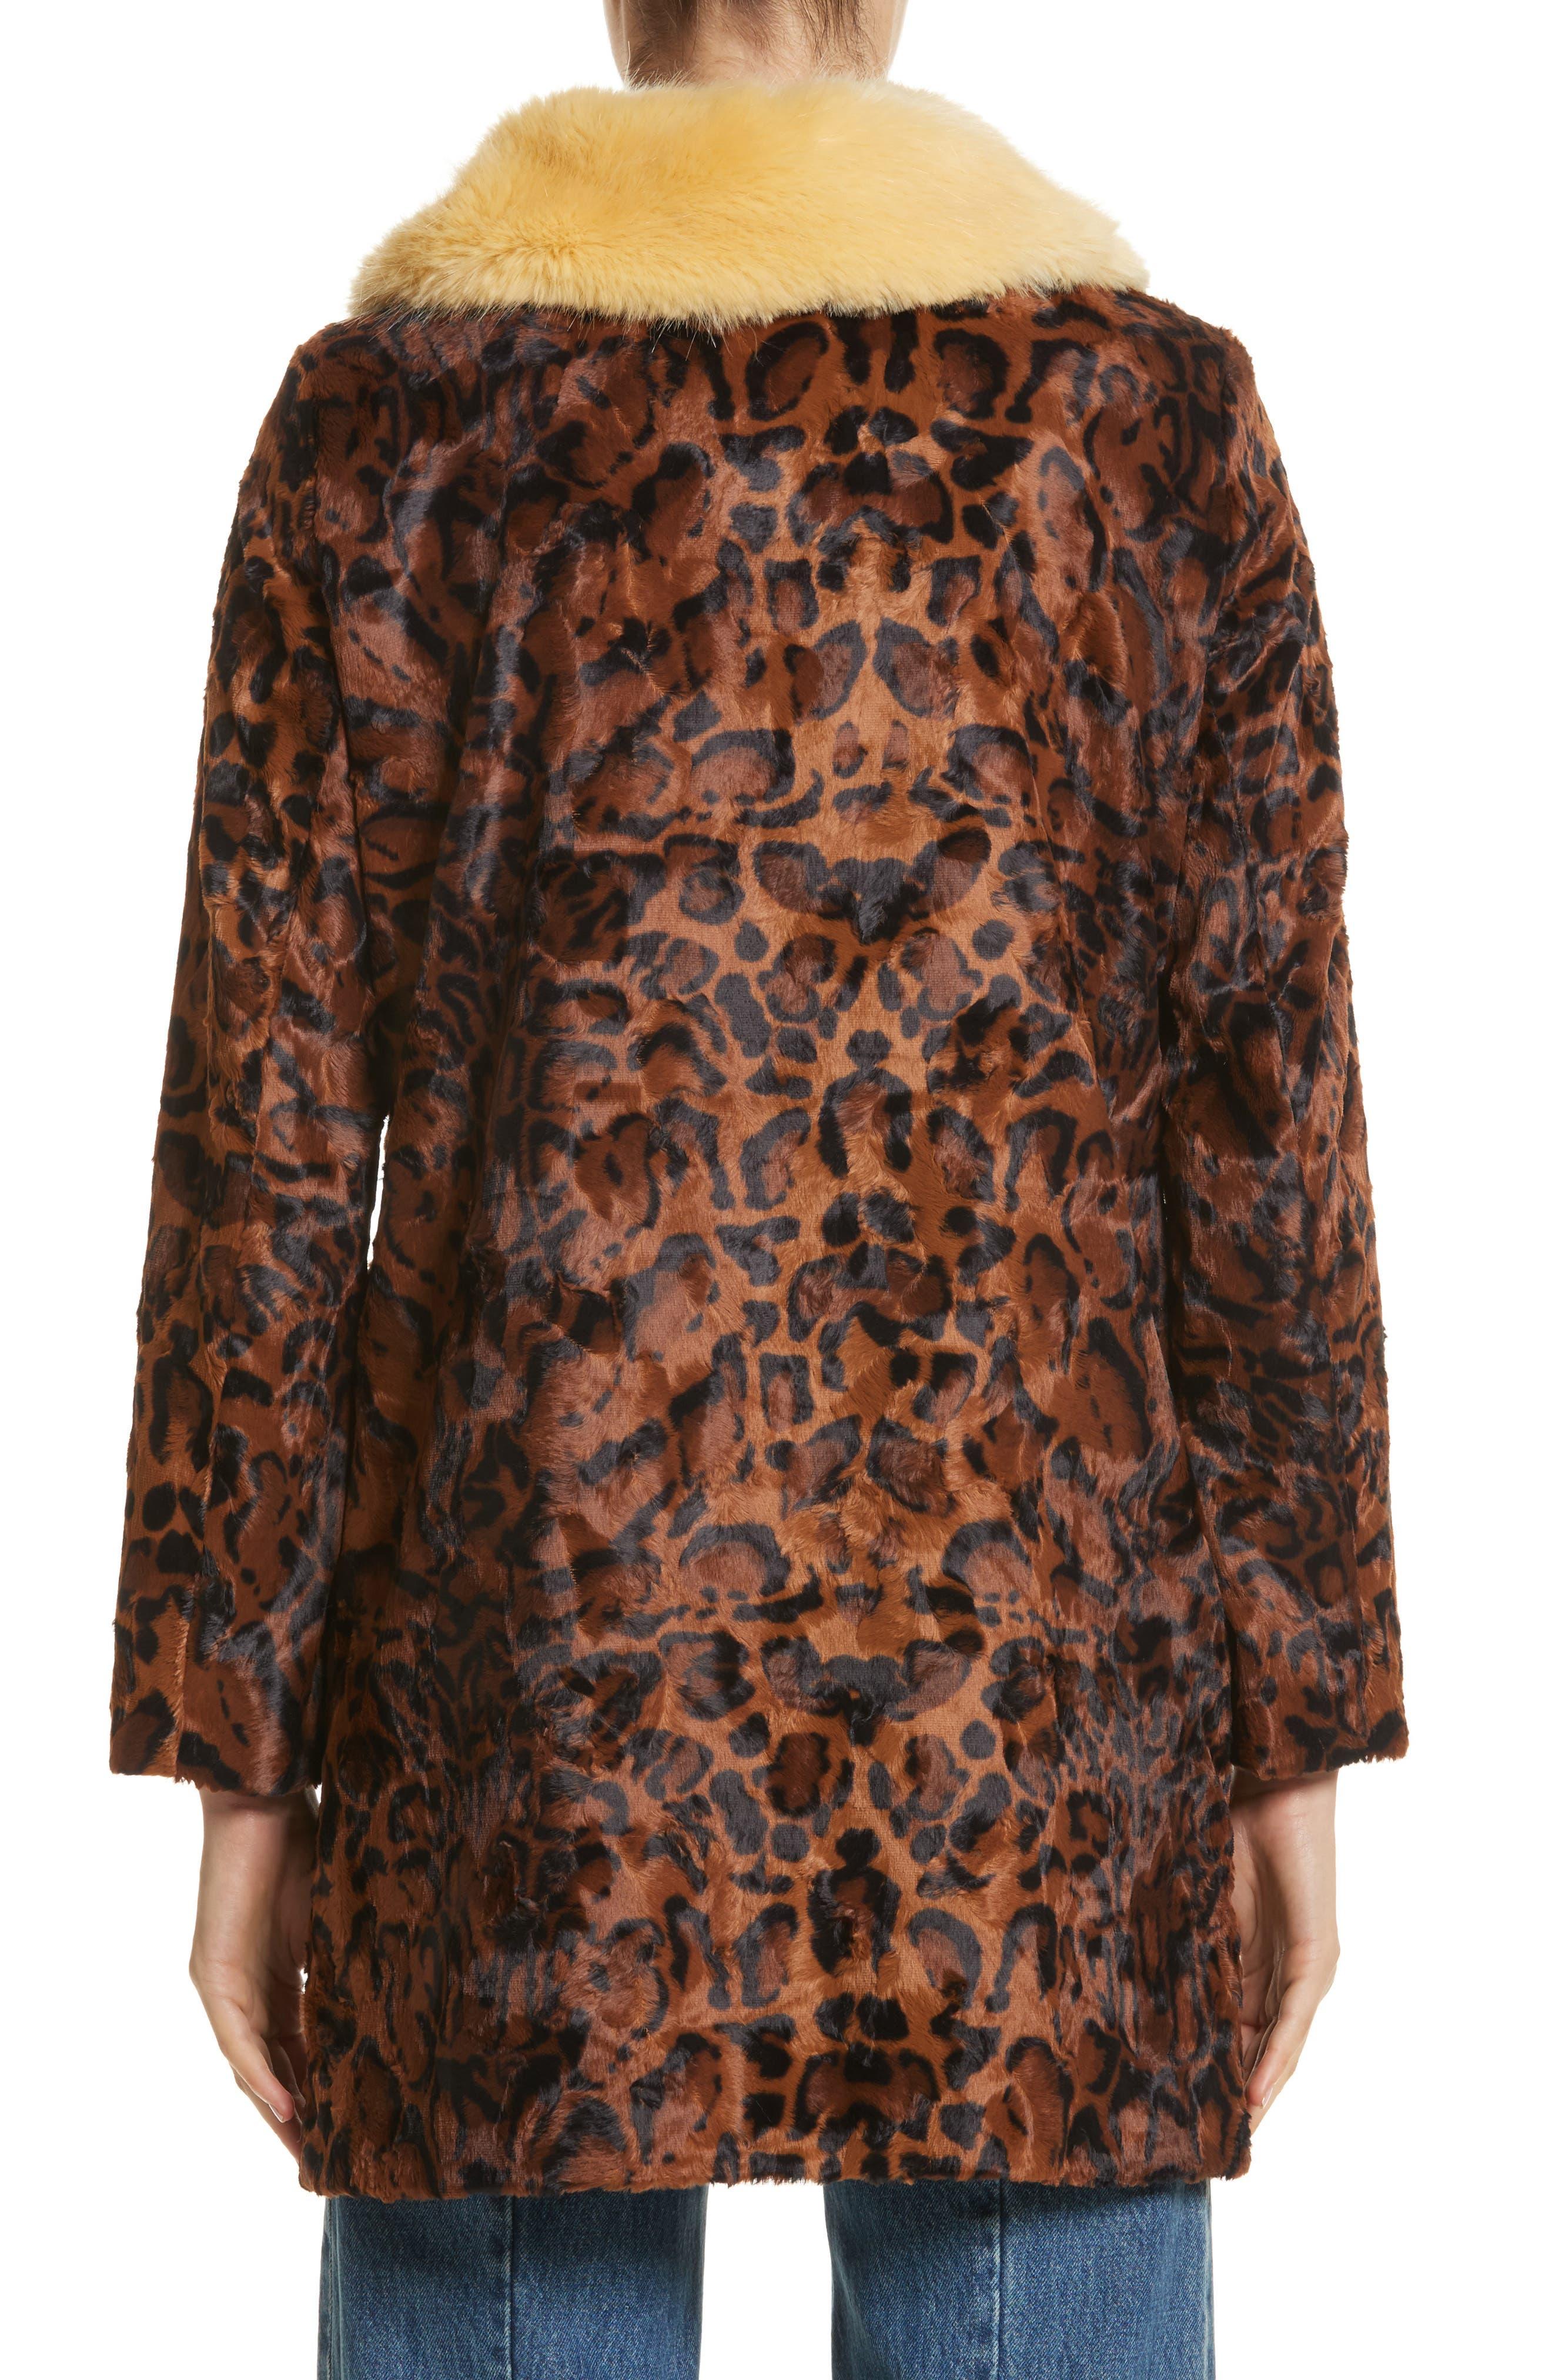 Papa Puss Leopard Print Faux Fur Coat,                             Alternate thumbnail 2, color,                             200